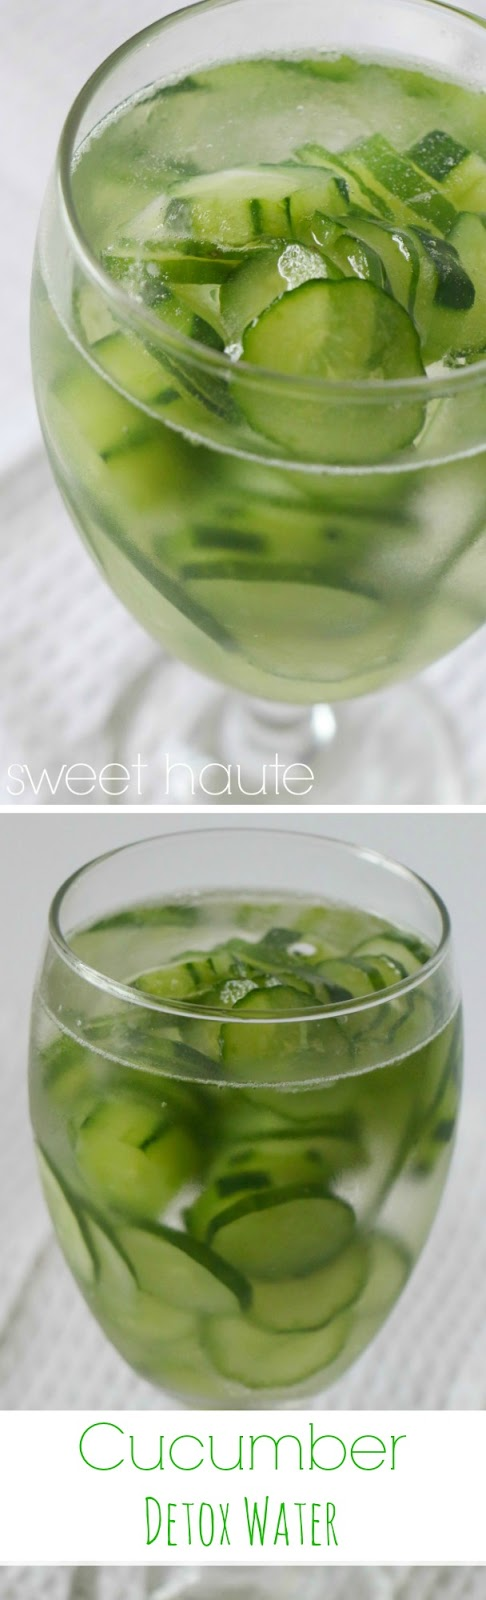 http://sweethaute.blogspot.com/2015/03/cucumber-detox-water.html